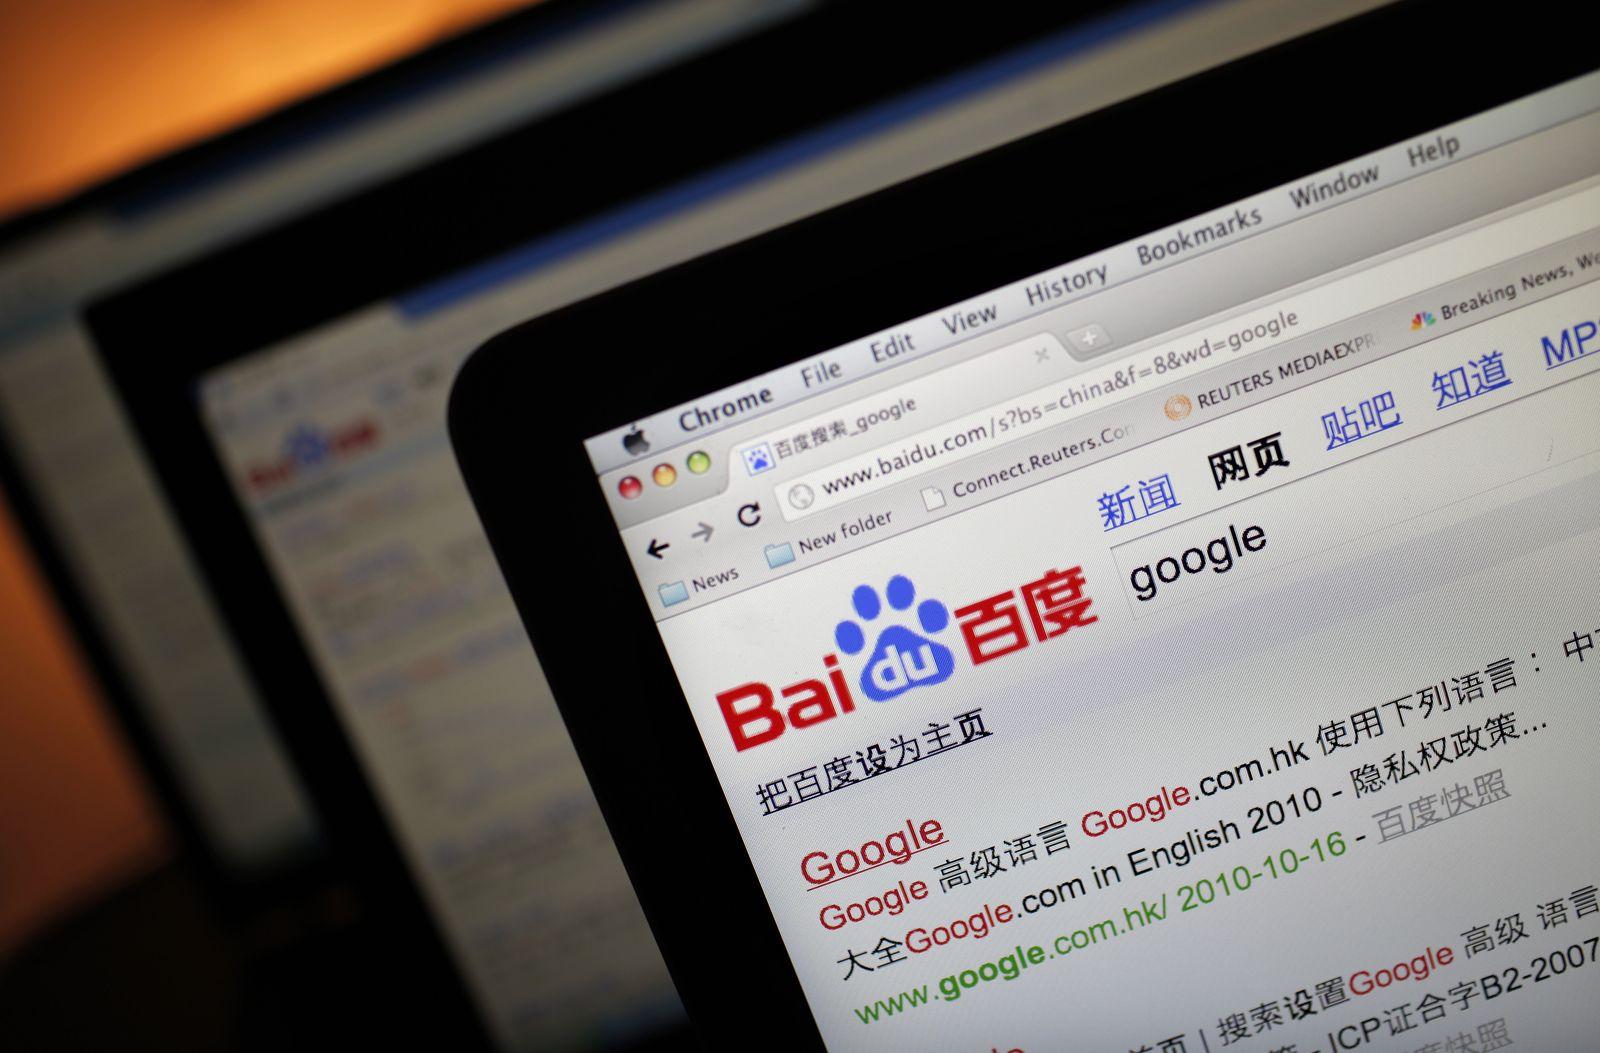 Baidu / Suchmaschine / China